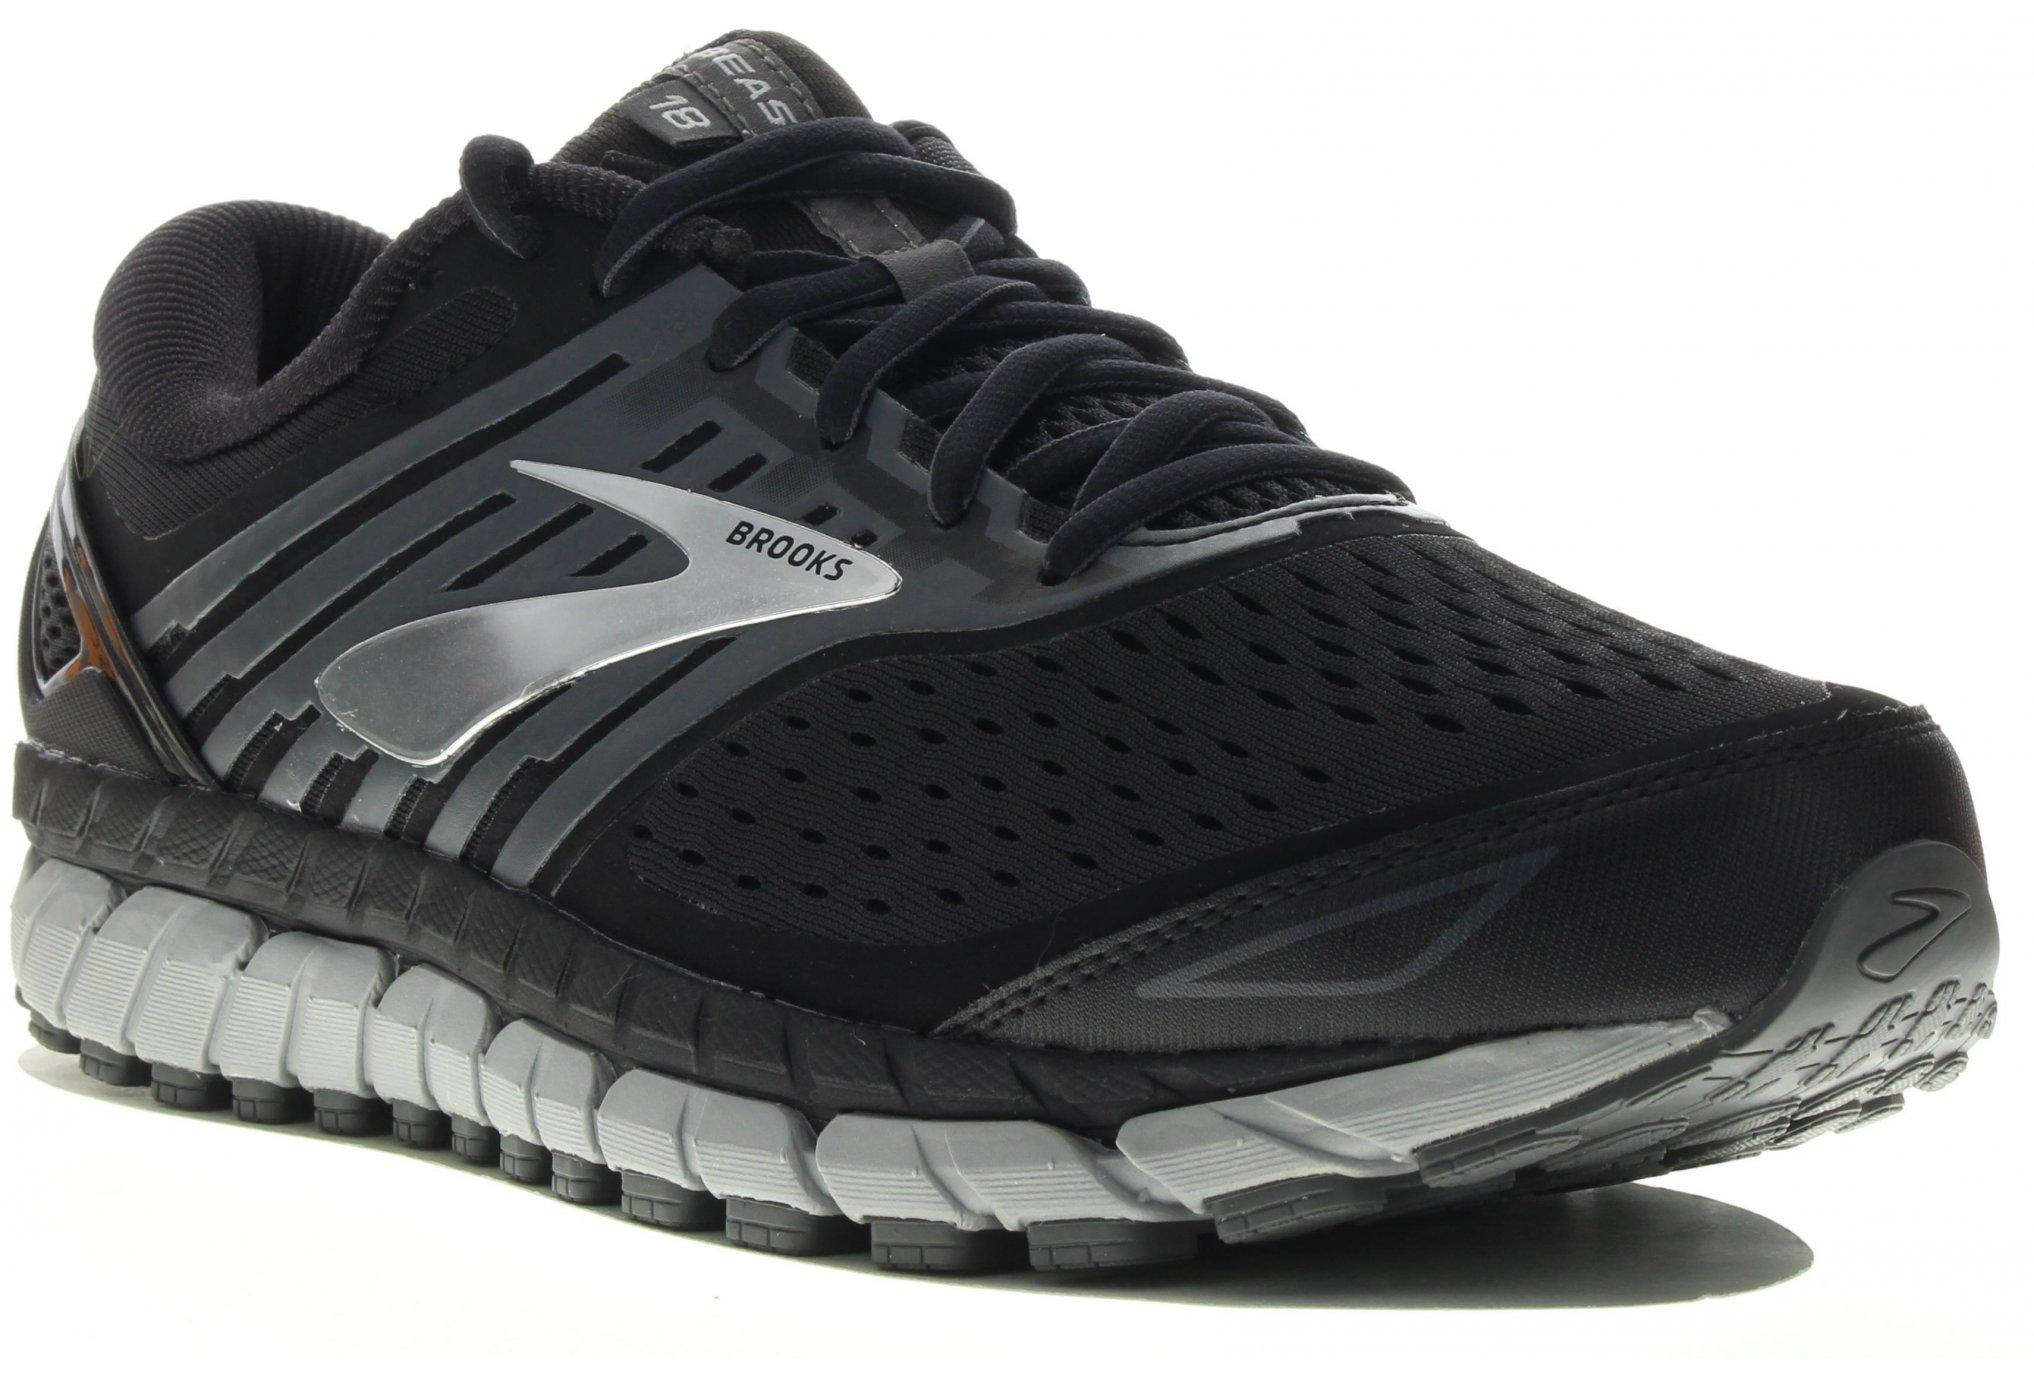 10 Chaussures Brooks Running Hom De Dyad wOkn0P8X